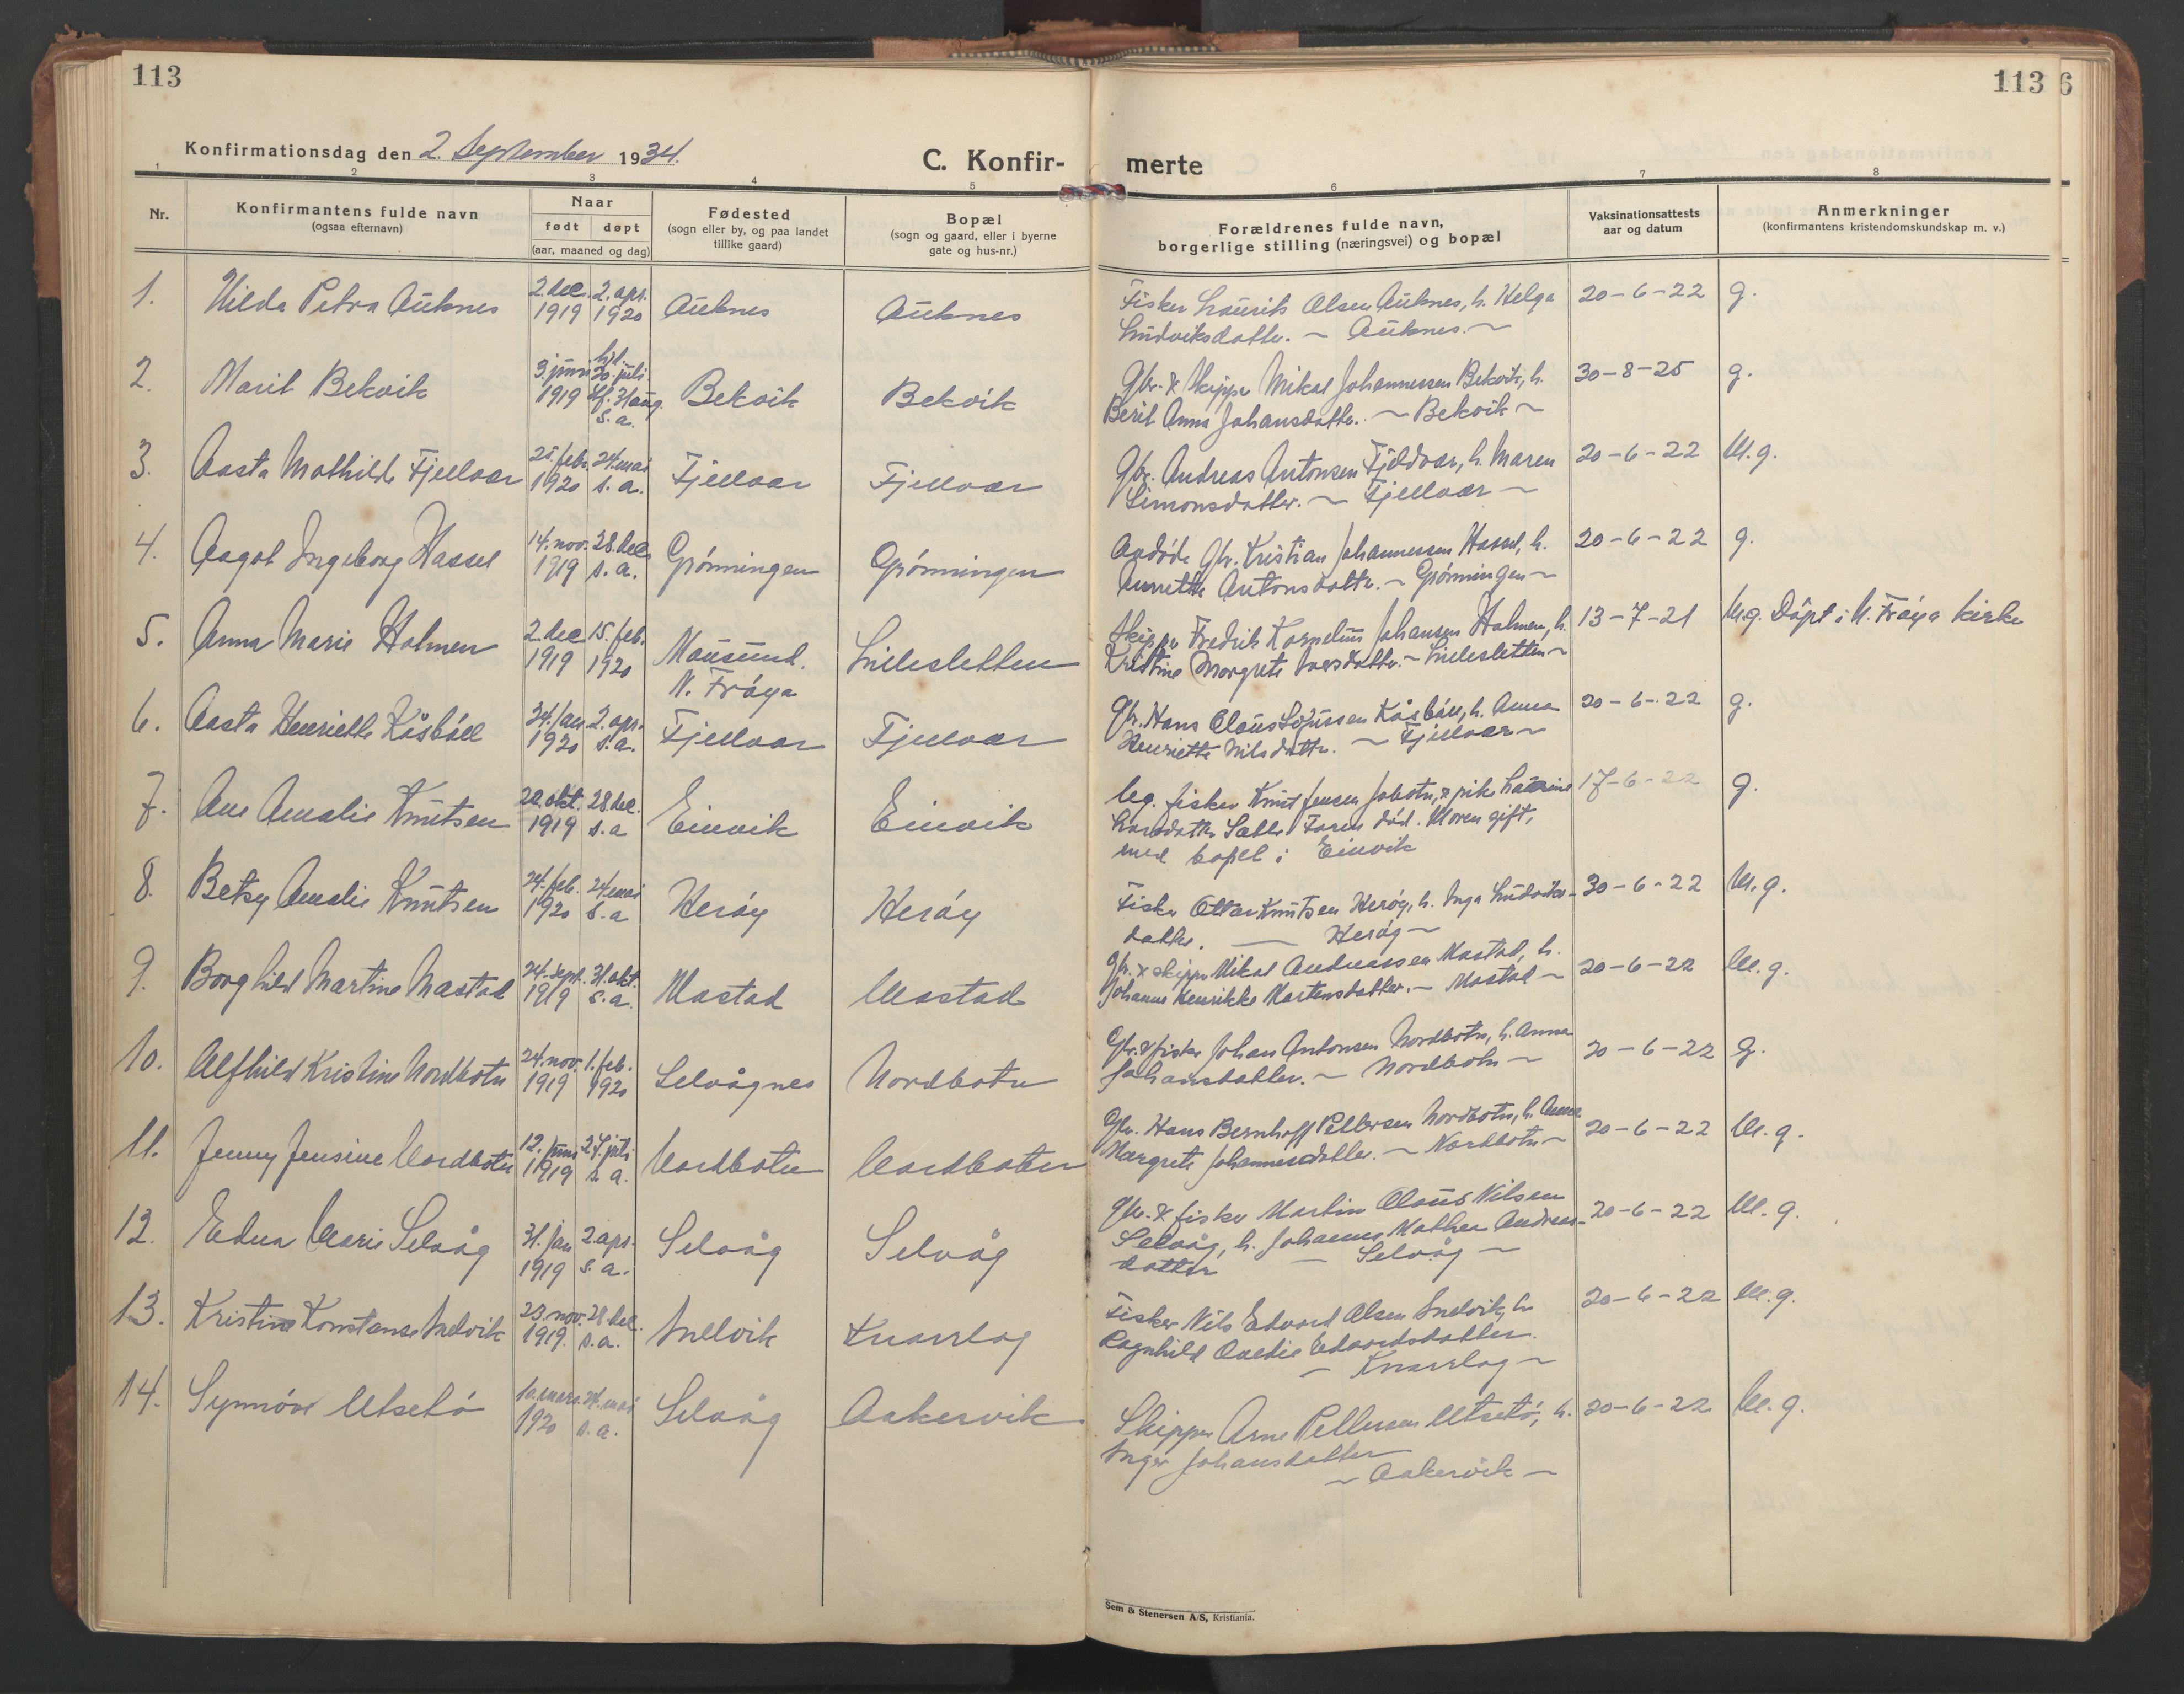 SAT, Ministerialprotokoller, klokkerbøker og fødselsregistre - Sør-Trøndelag, 638/L0569: Klokkerbok nr. 638C01, 1923-1961, s. 113